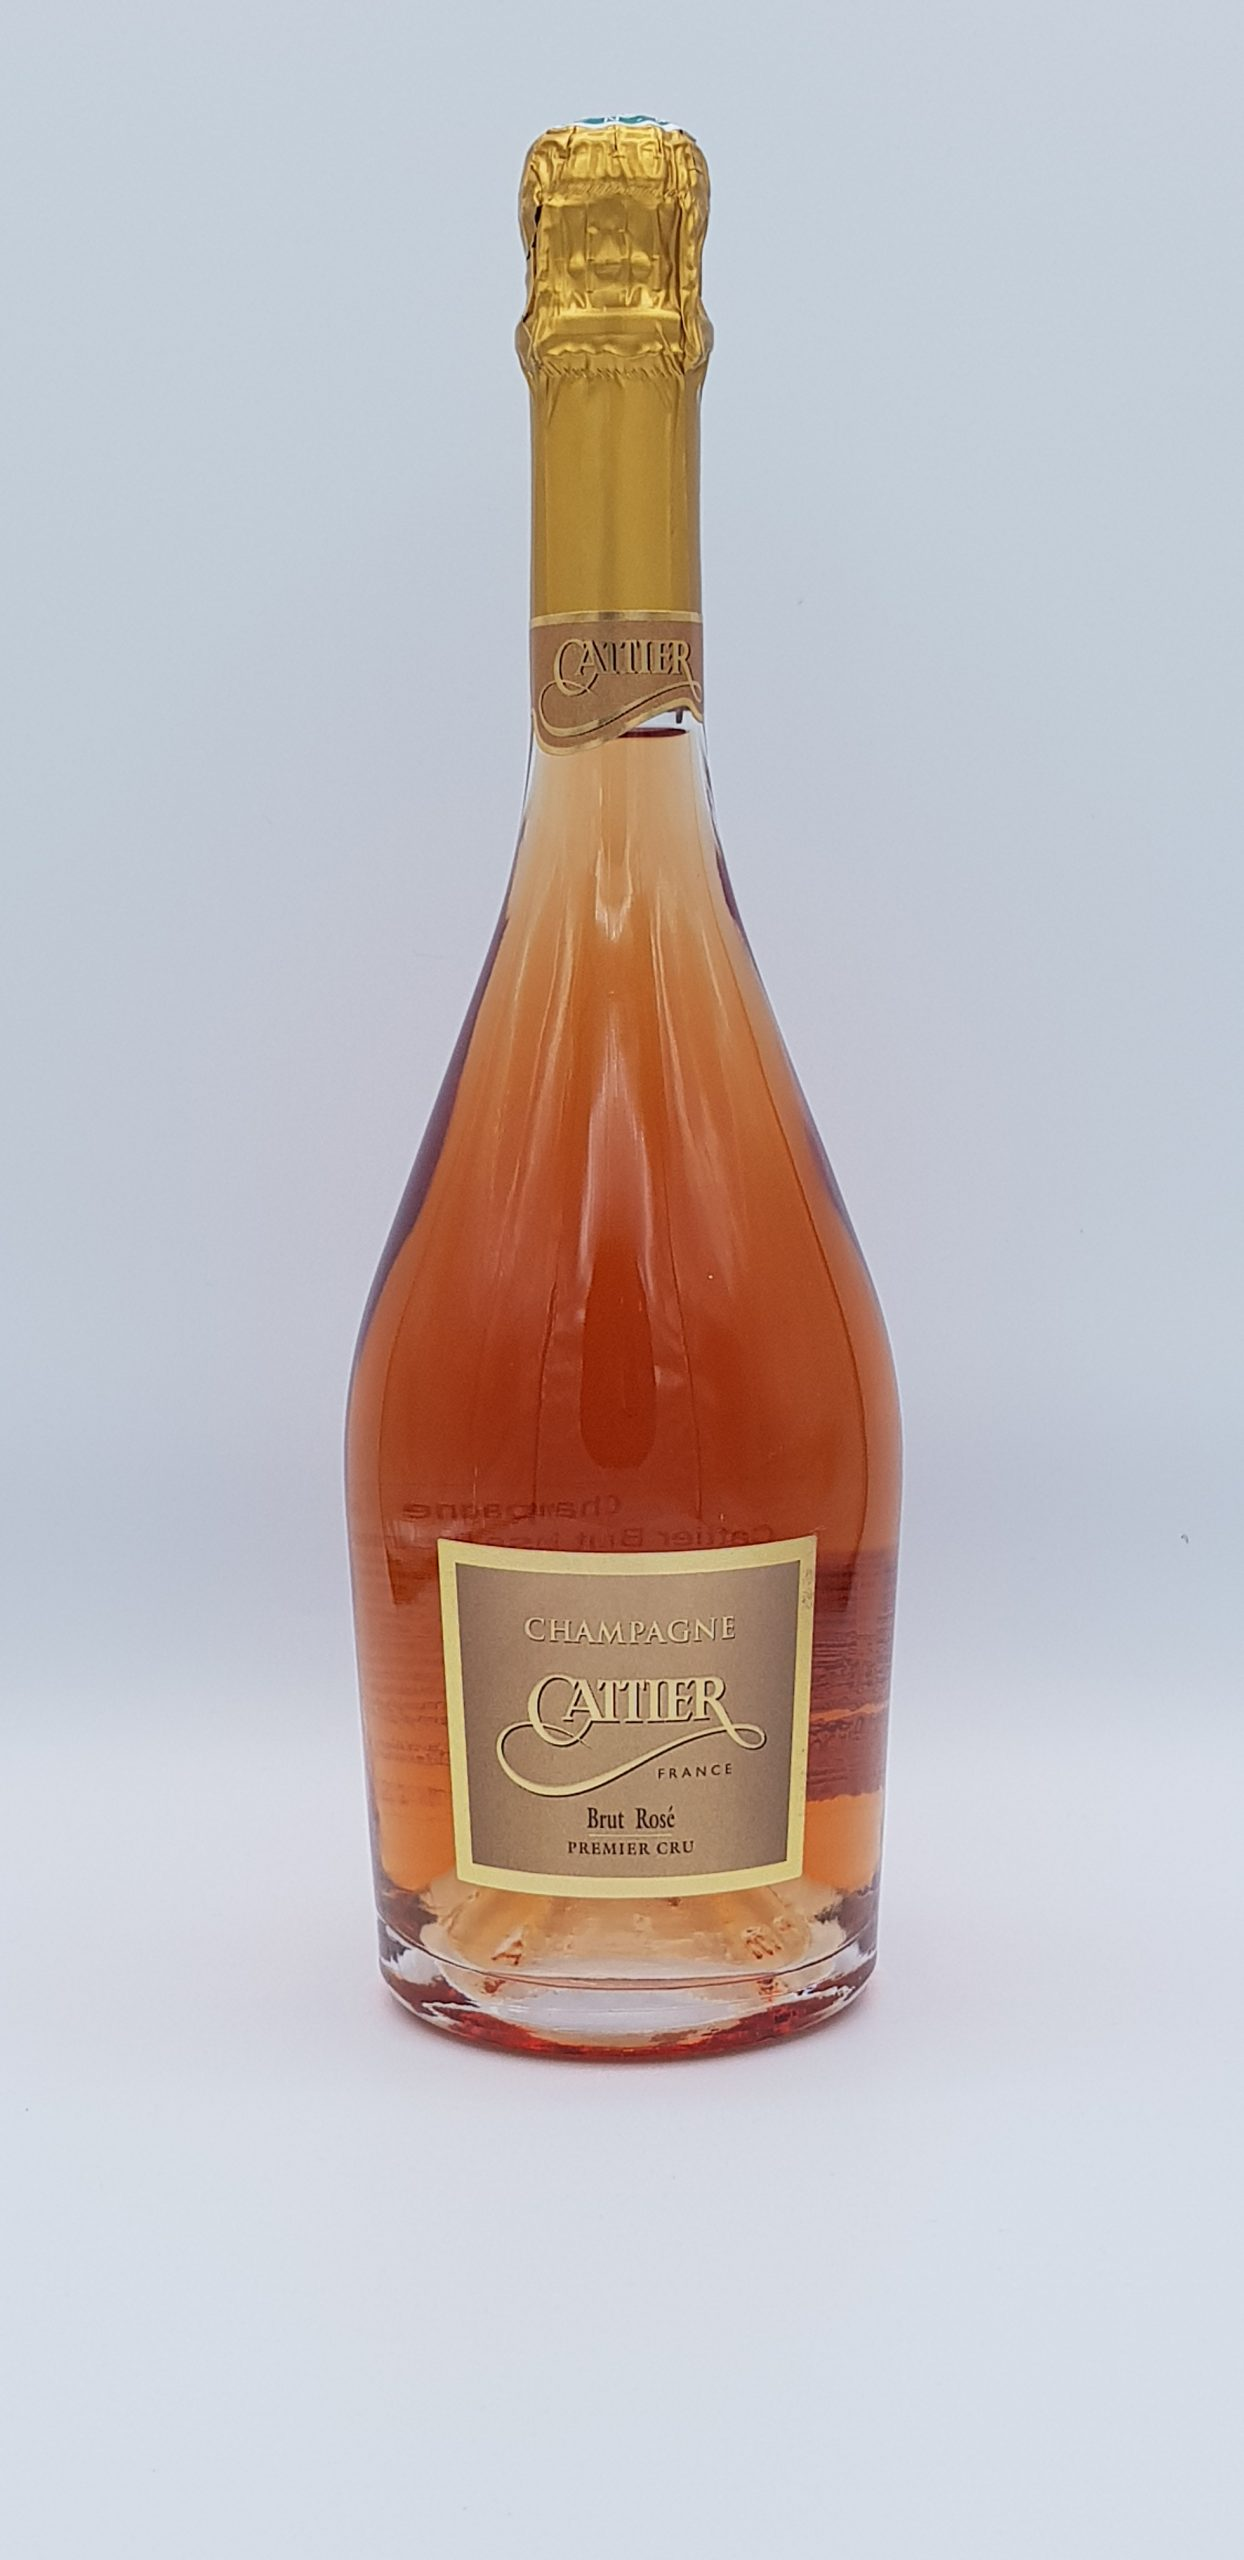 Champagne Cattier Brut Rose 1Er Cru